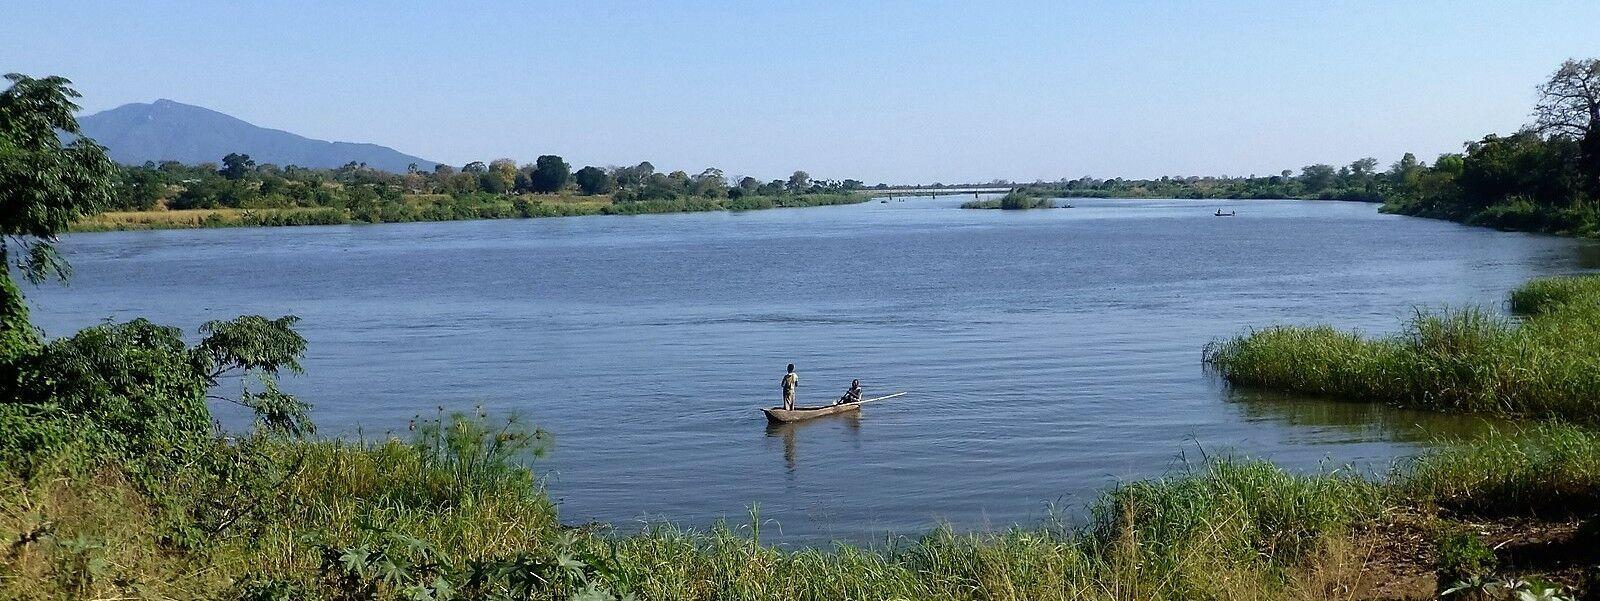 Shire River Basin, Malawi